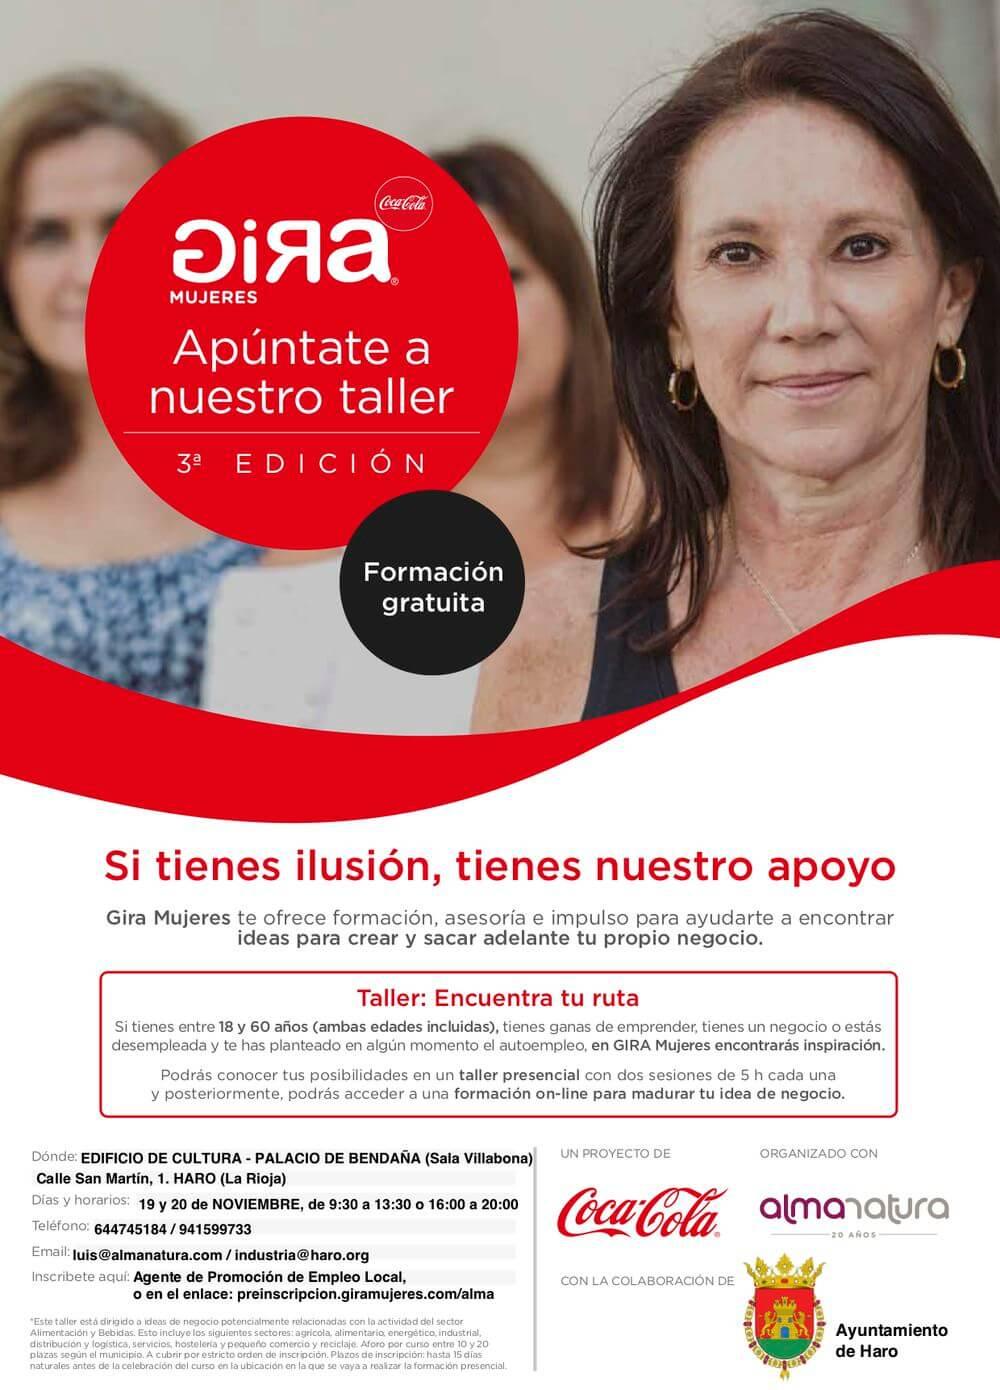 La Gira Mujeres de Coca-Cola pasará por Haro la próxima semana 1